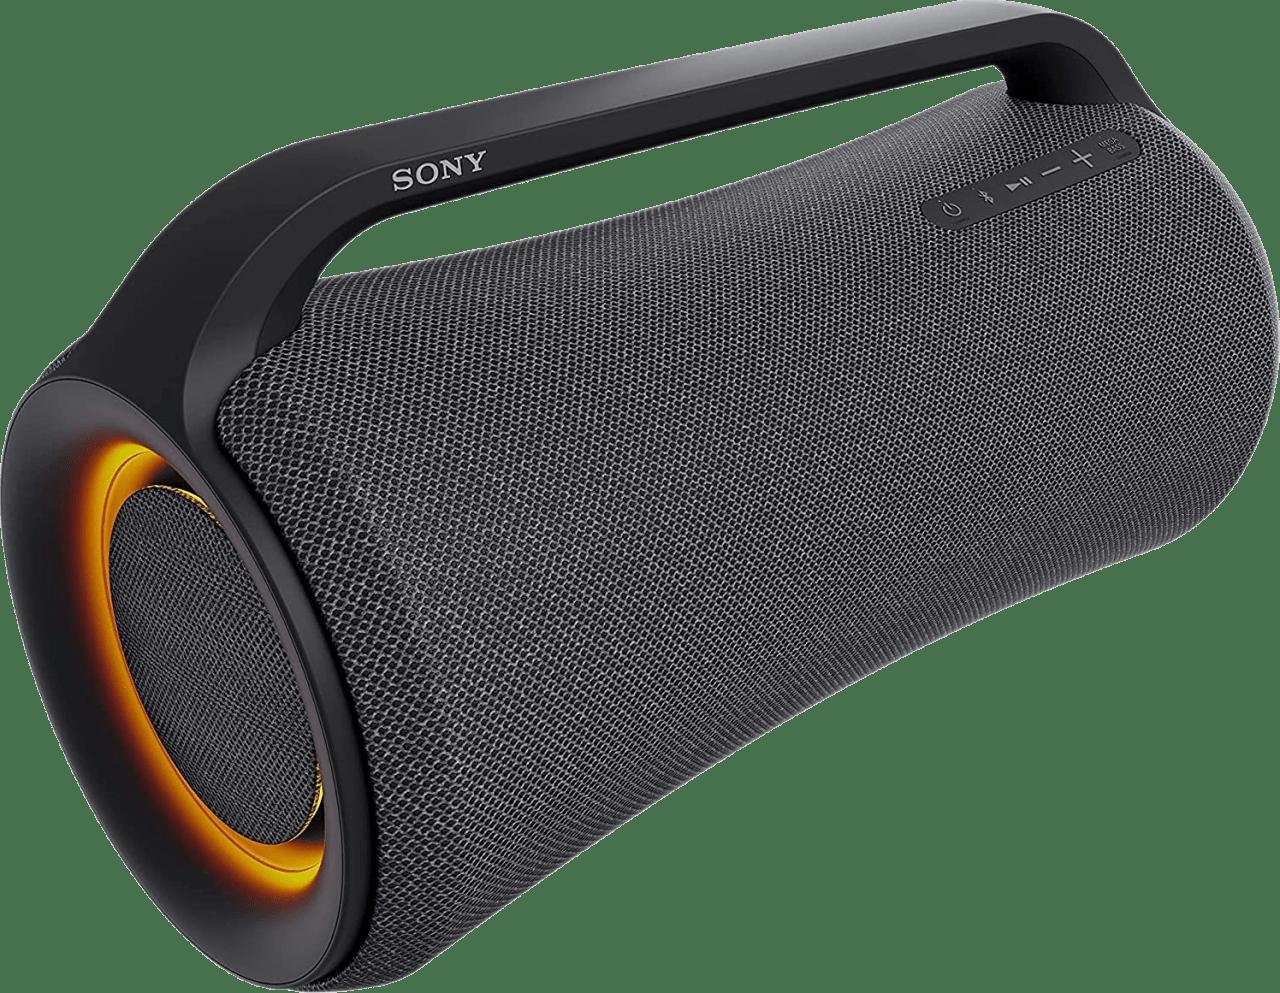 Sony SRS-XG500 Portable Wireless Speaker.2